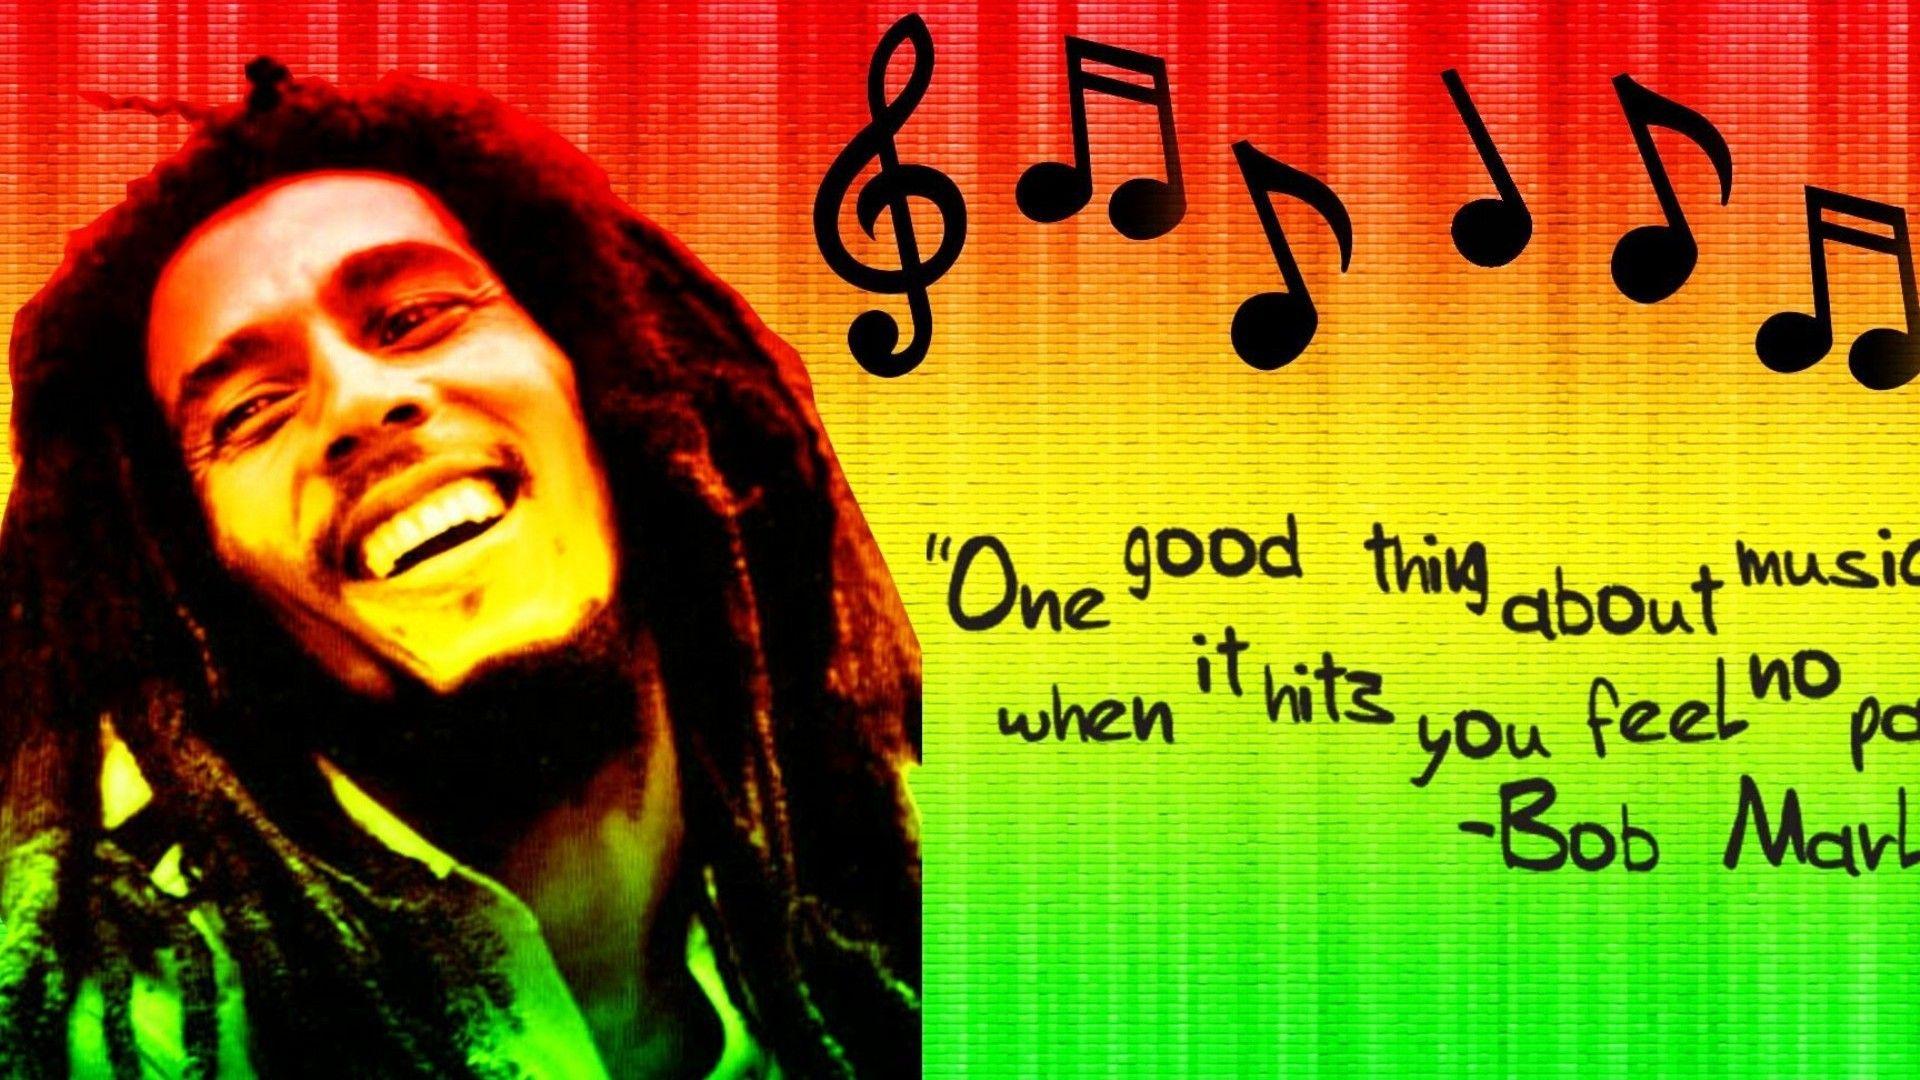 Bob Marley 4k Wallpaper 22625 Wallpaper Wallatar Com Bob Marley Bob Marley Music Bob Marley Quotes